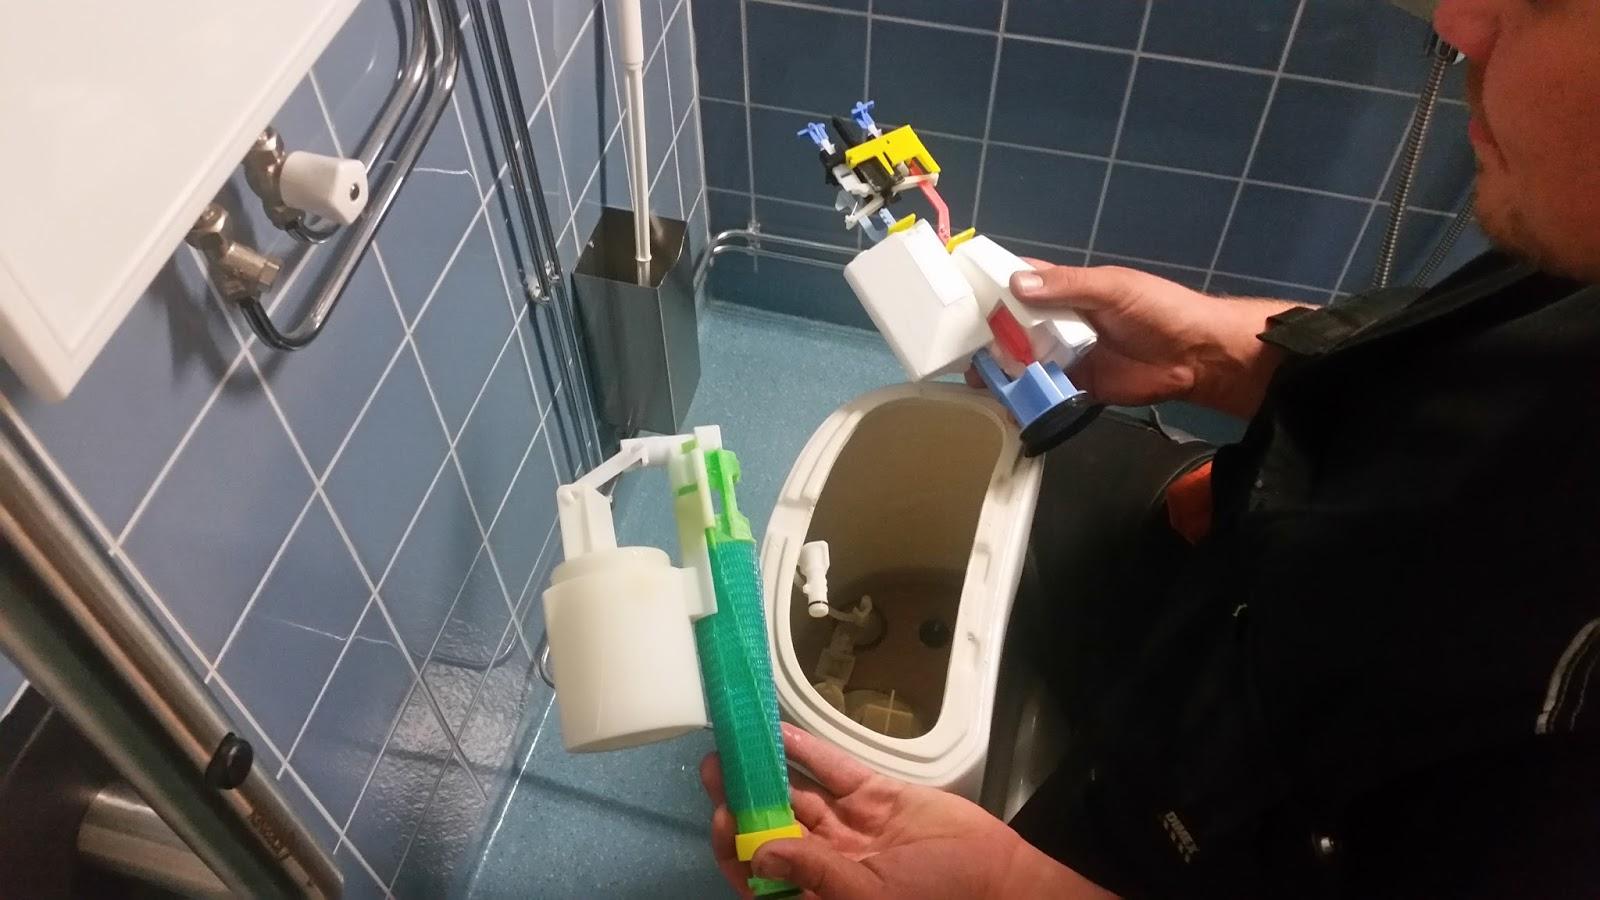 Vessanpöntön Vesisäiliön Kannen Avaaminen